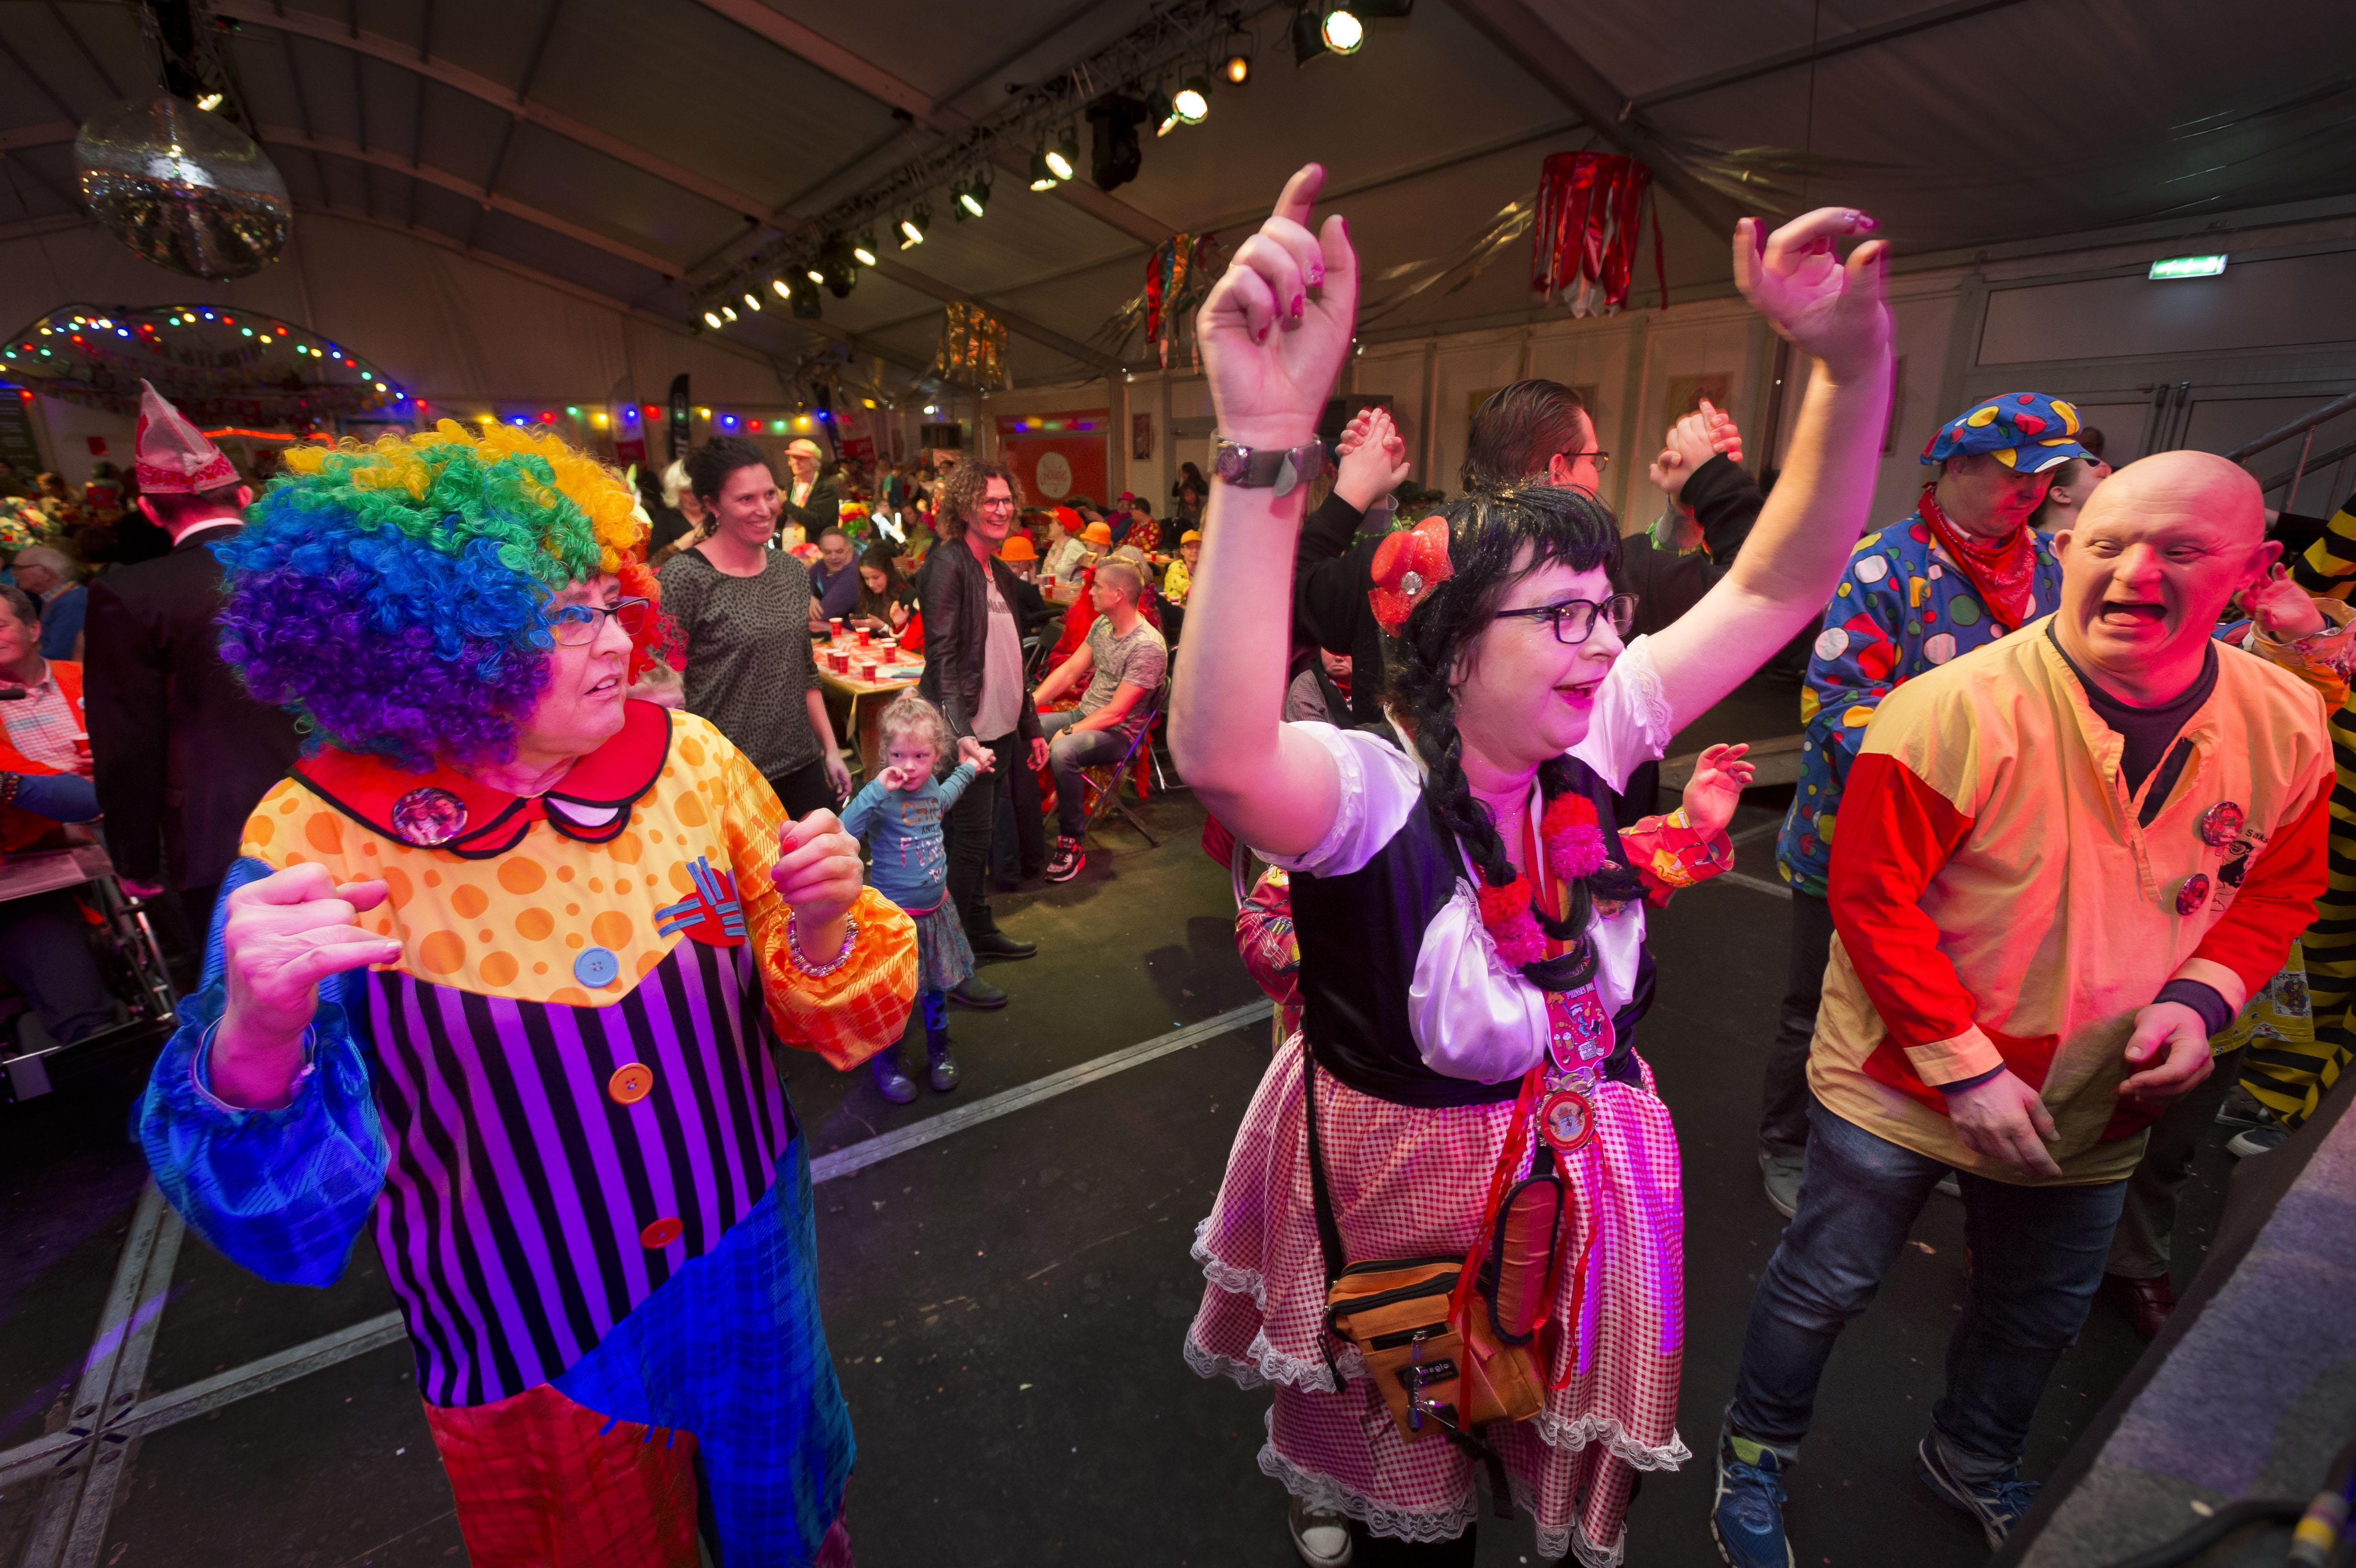 Carnaval De Zilk nu al geschrapt: De Keiebijters, De Tulpkabouters, De Kaninefaaten en De Duinknijnen nemen drastisch besluit